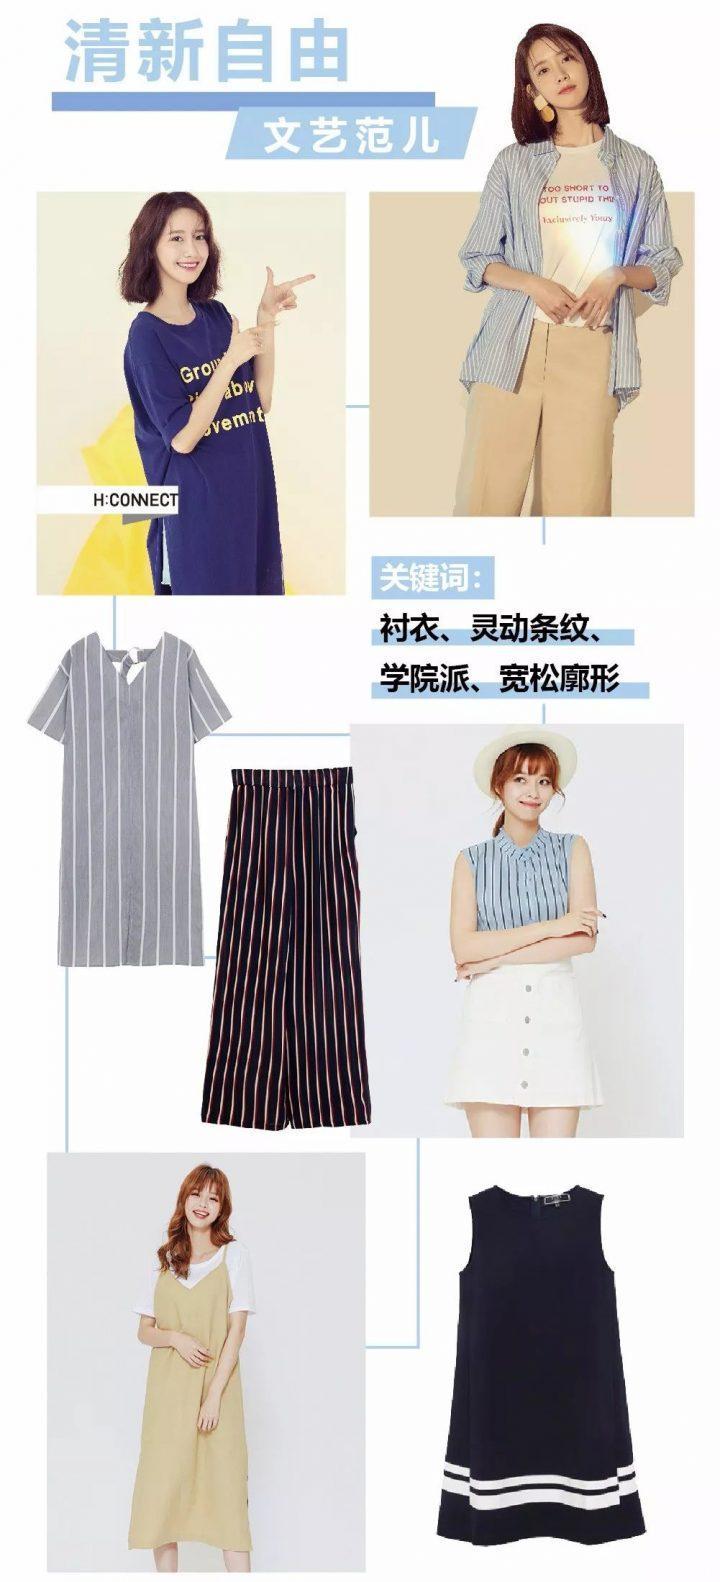 昆山百盛H:CONNECT女装全场3—5折